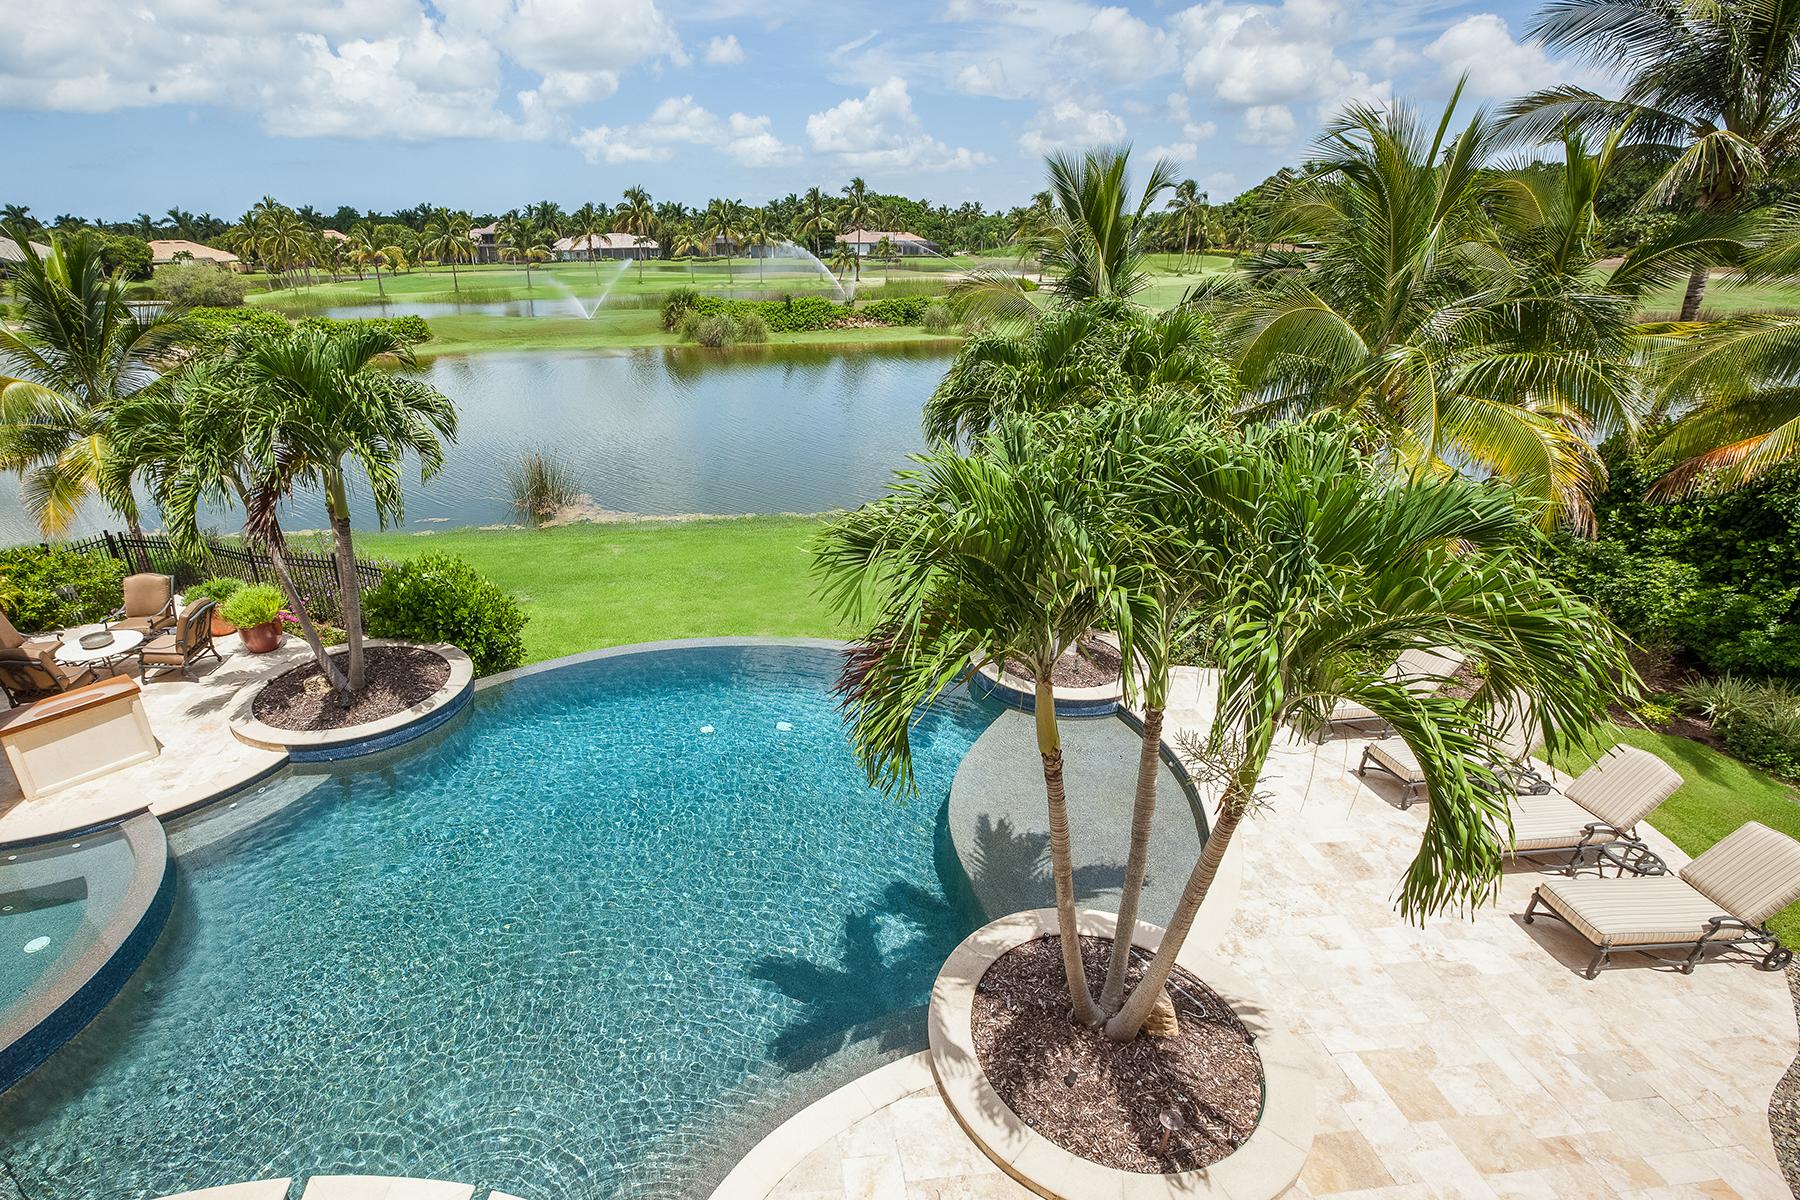 獨棟家庭住宅 為 出售 在 GREY OAKS - ISLE ROYALE 2121 Canna Way Naples, 佛羅里達州 34105 美國